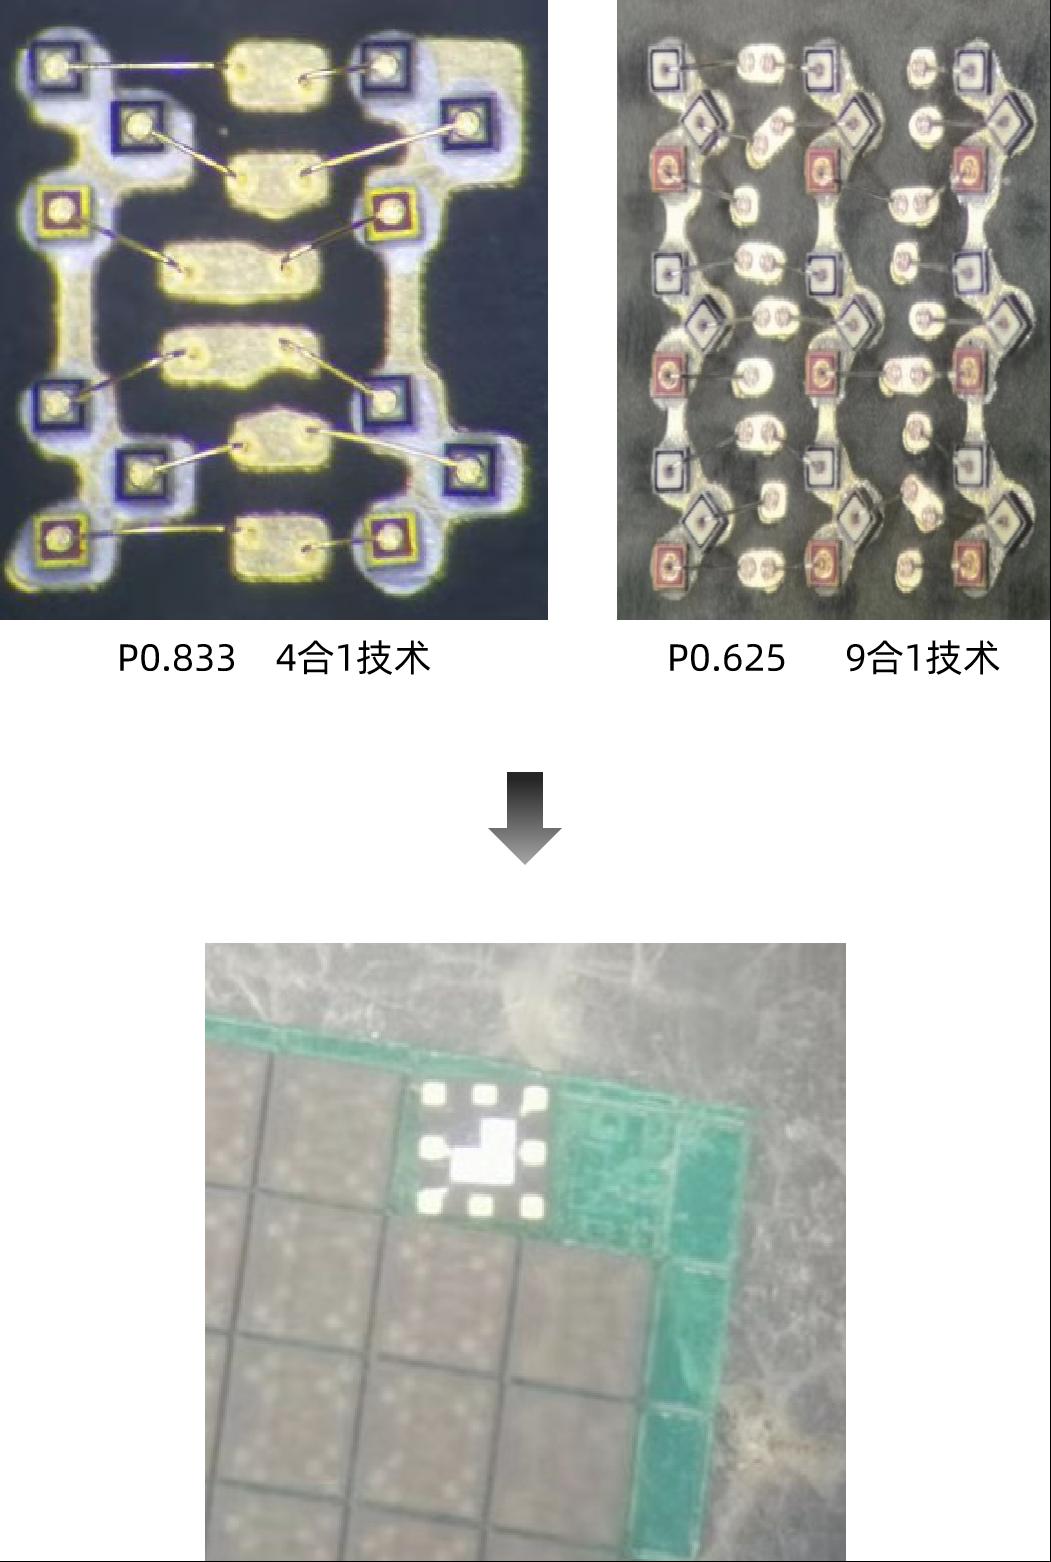 晶能光电推出硅衬底Mini LED芯片新品,成本降至三分之一  第3张